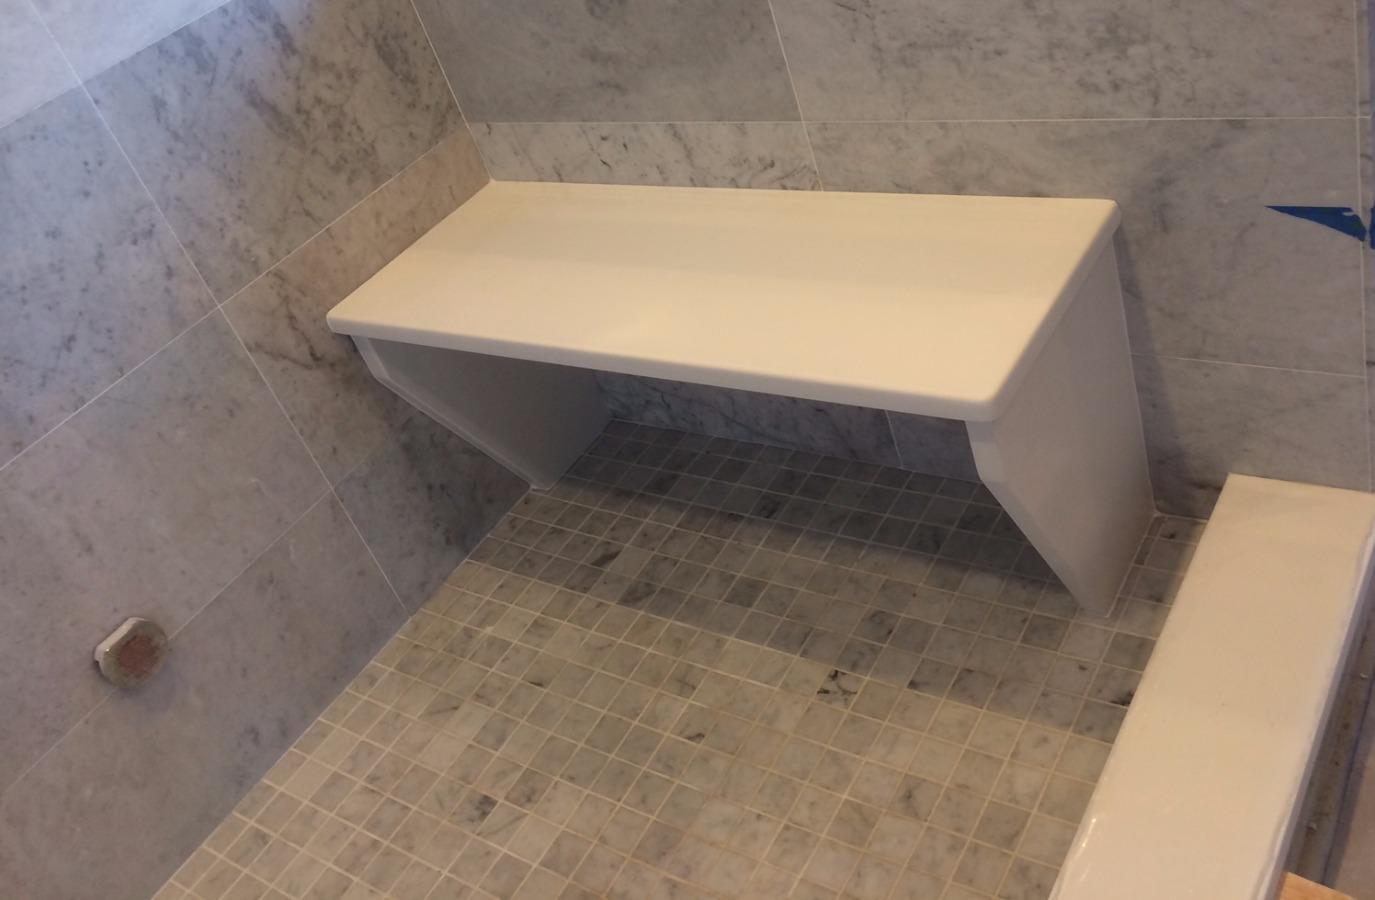 Shower bench 2